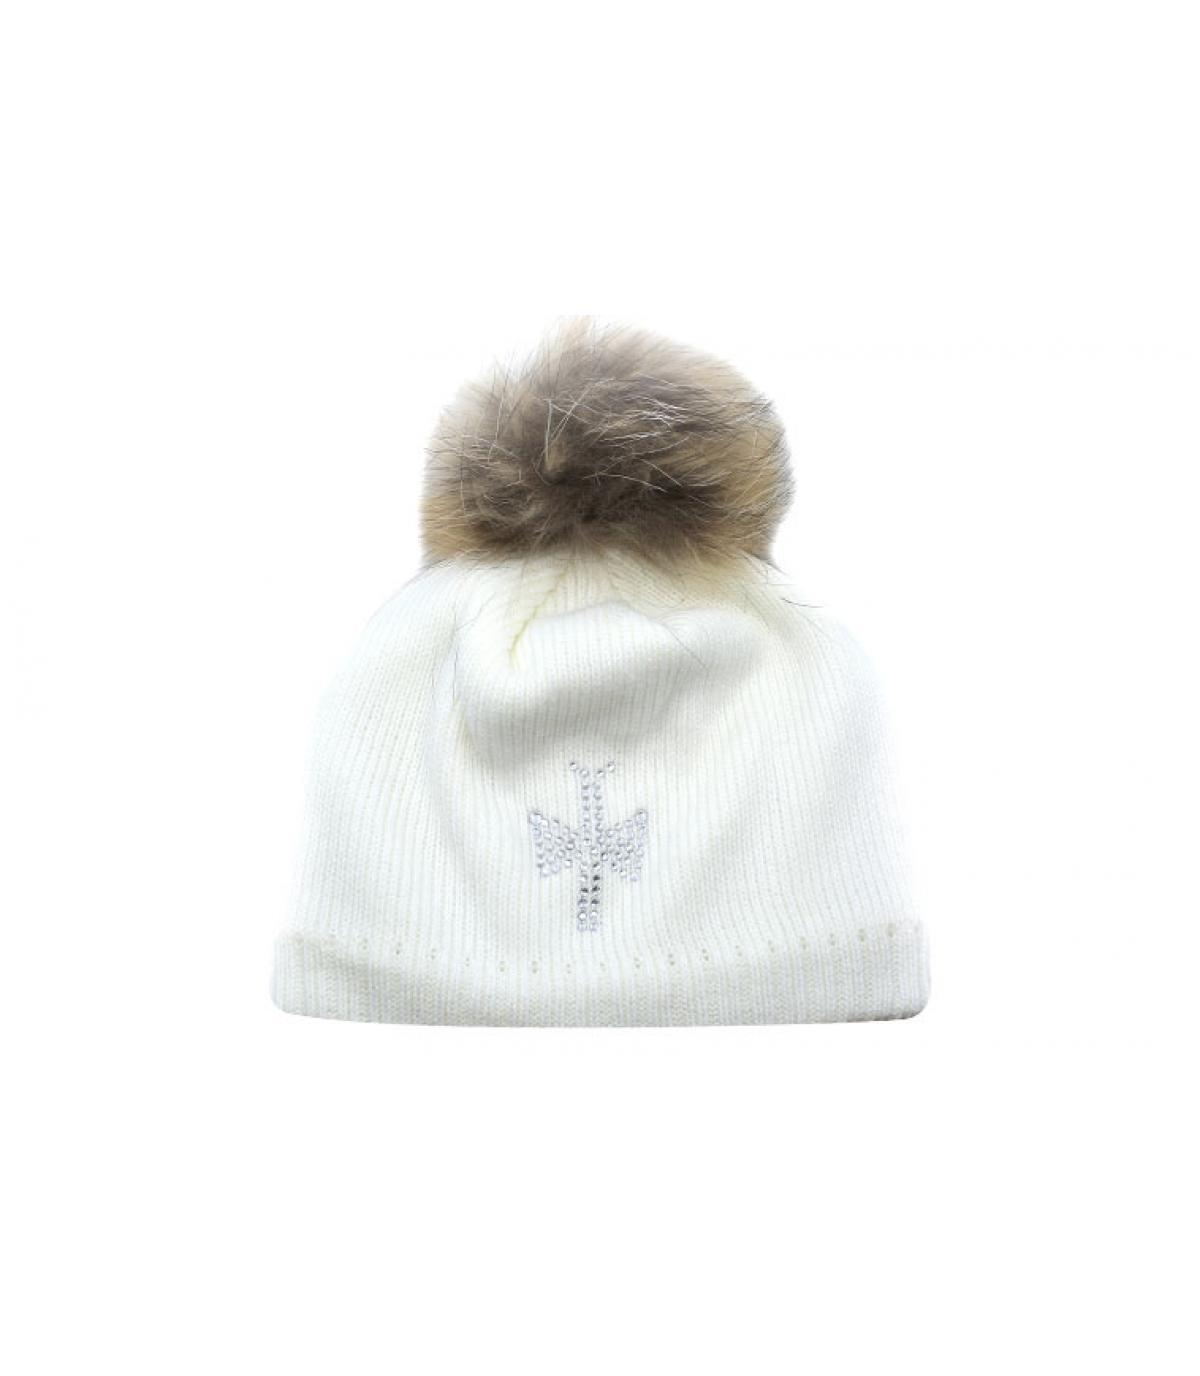 78dac86a58529 Gorro blanco - Compra venta de Gorros blancos. Primera sombrerería en  línea. Entrega en 48 72horas.